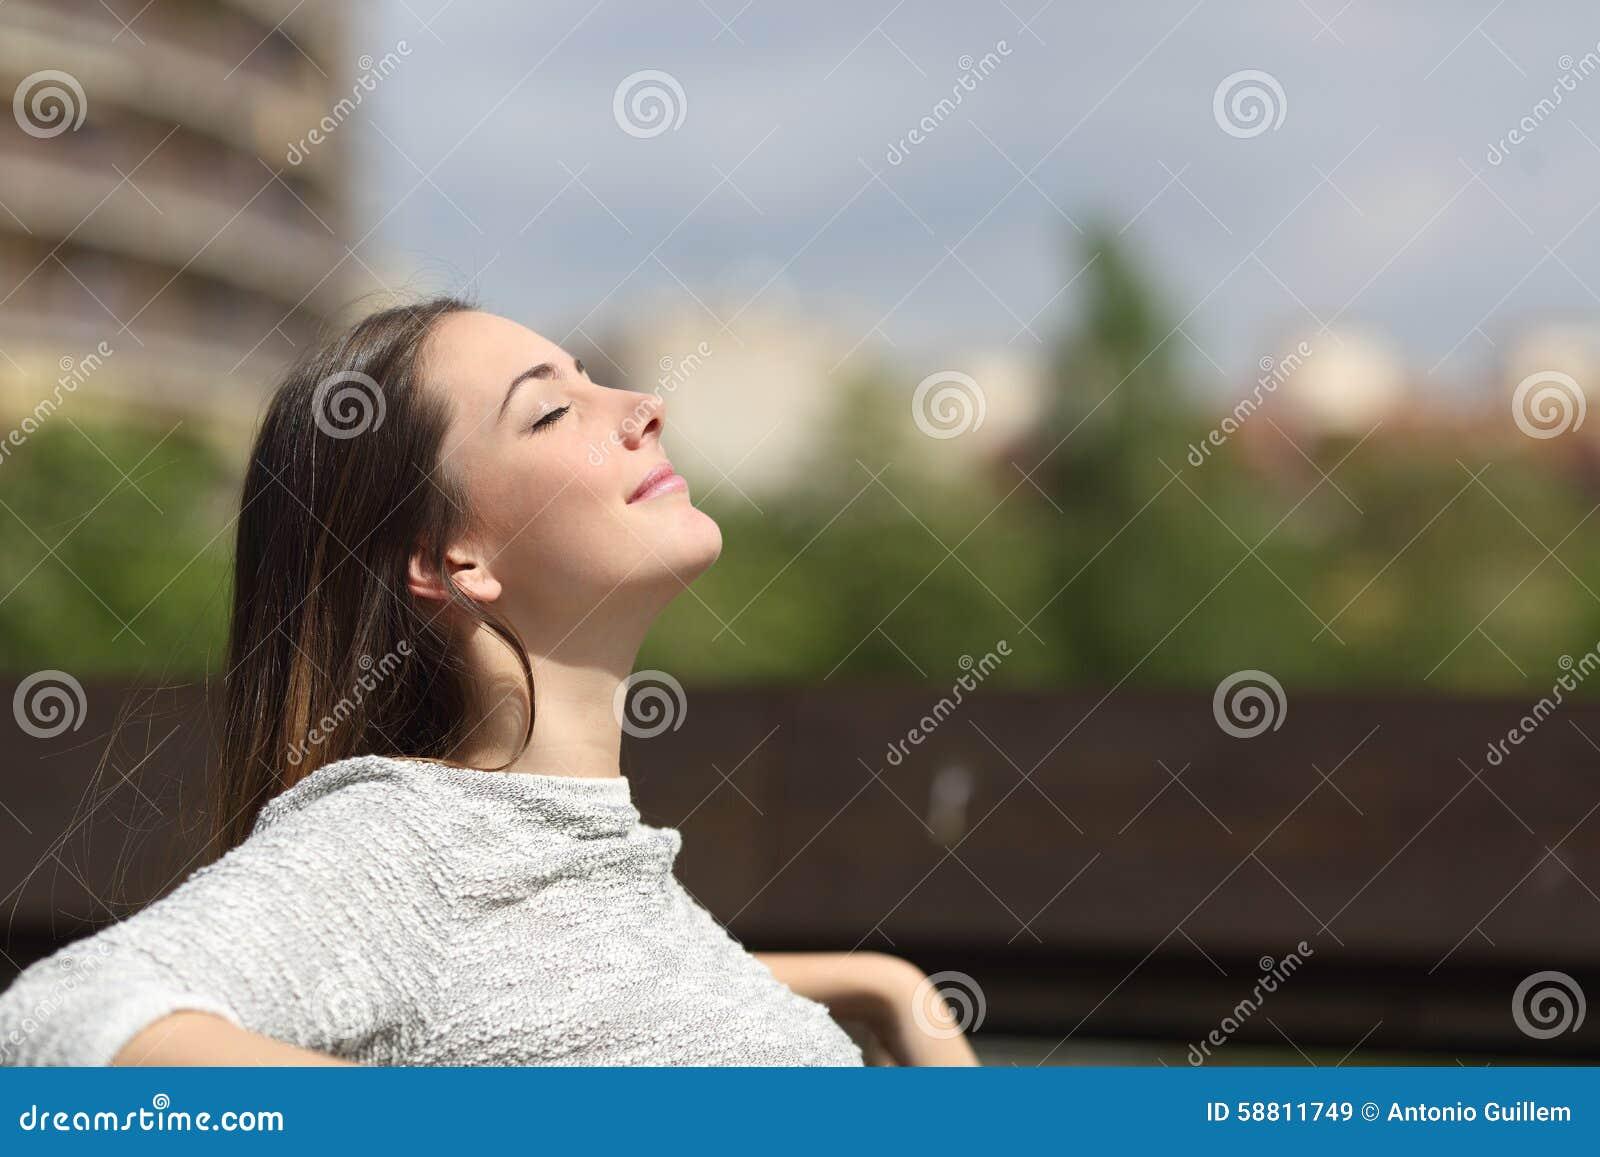 Urban woman breathing deep fresh air